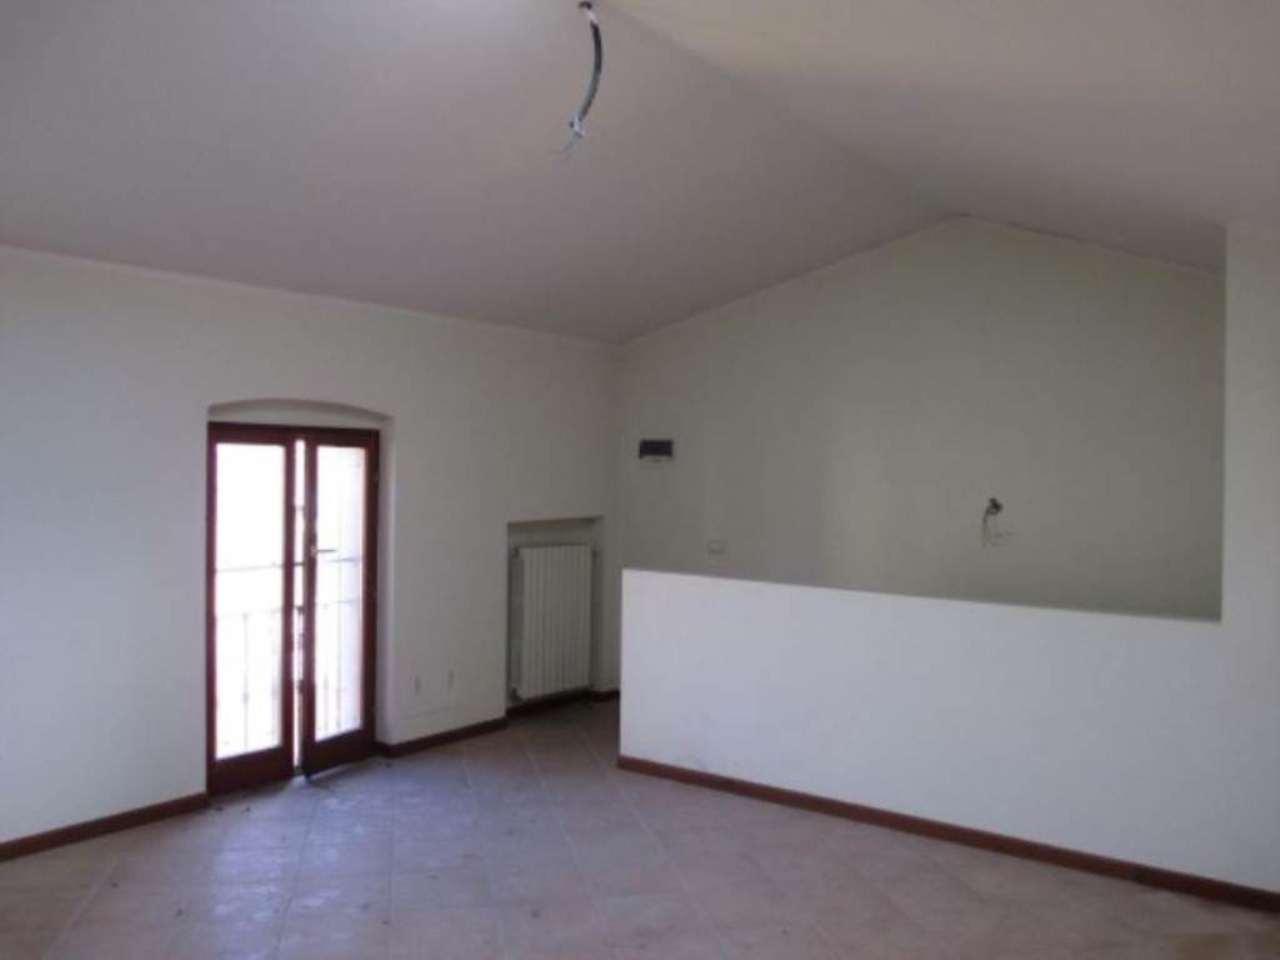 Appartamento in vendita a Soresina, 3 locali, prezzo € 96.000 | Cambio Casa.it